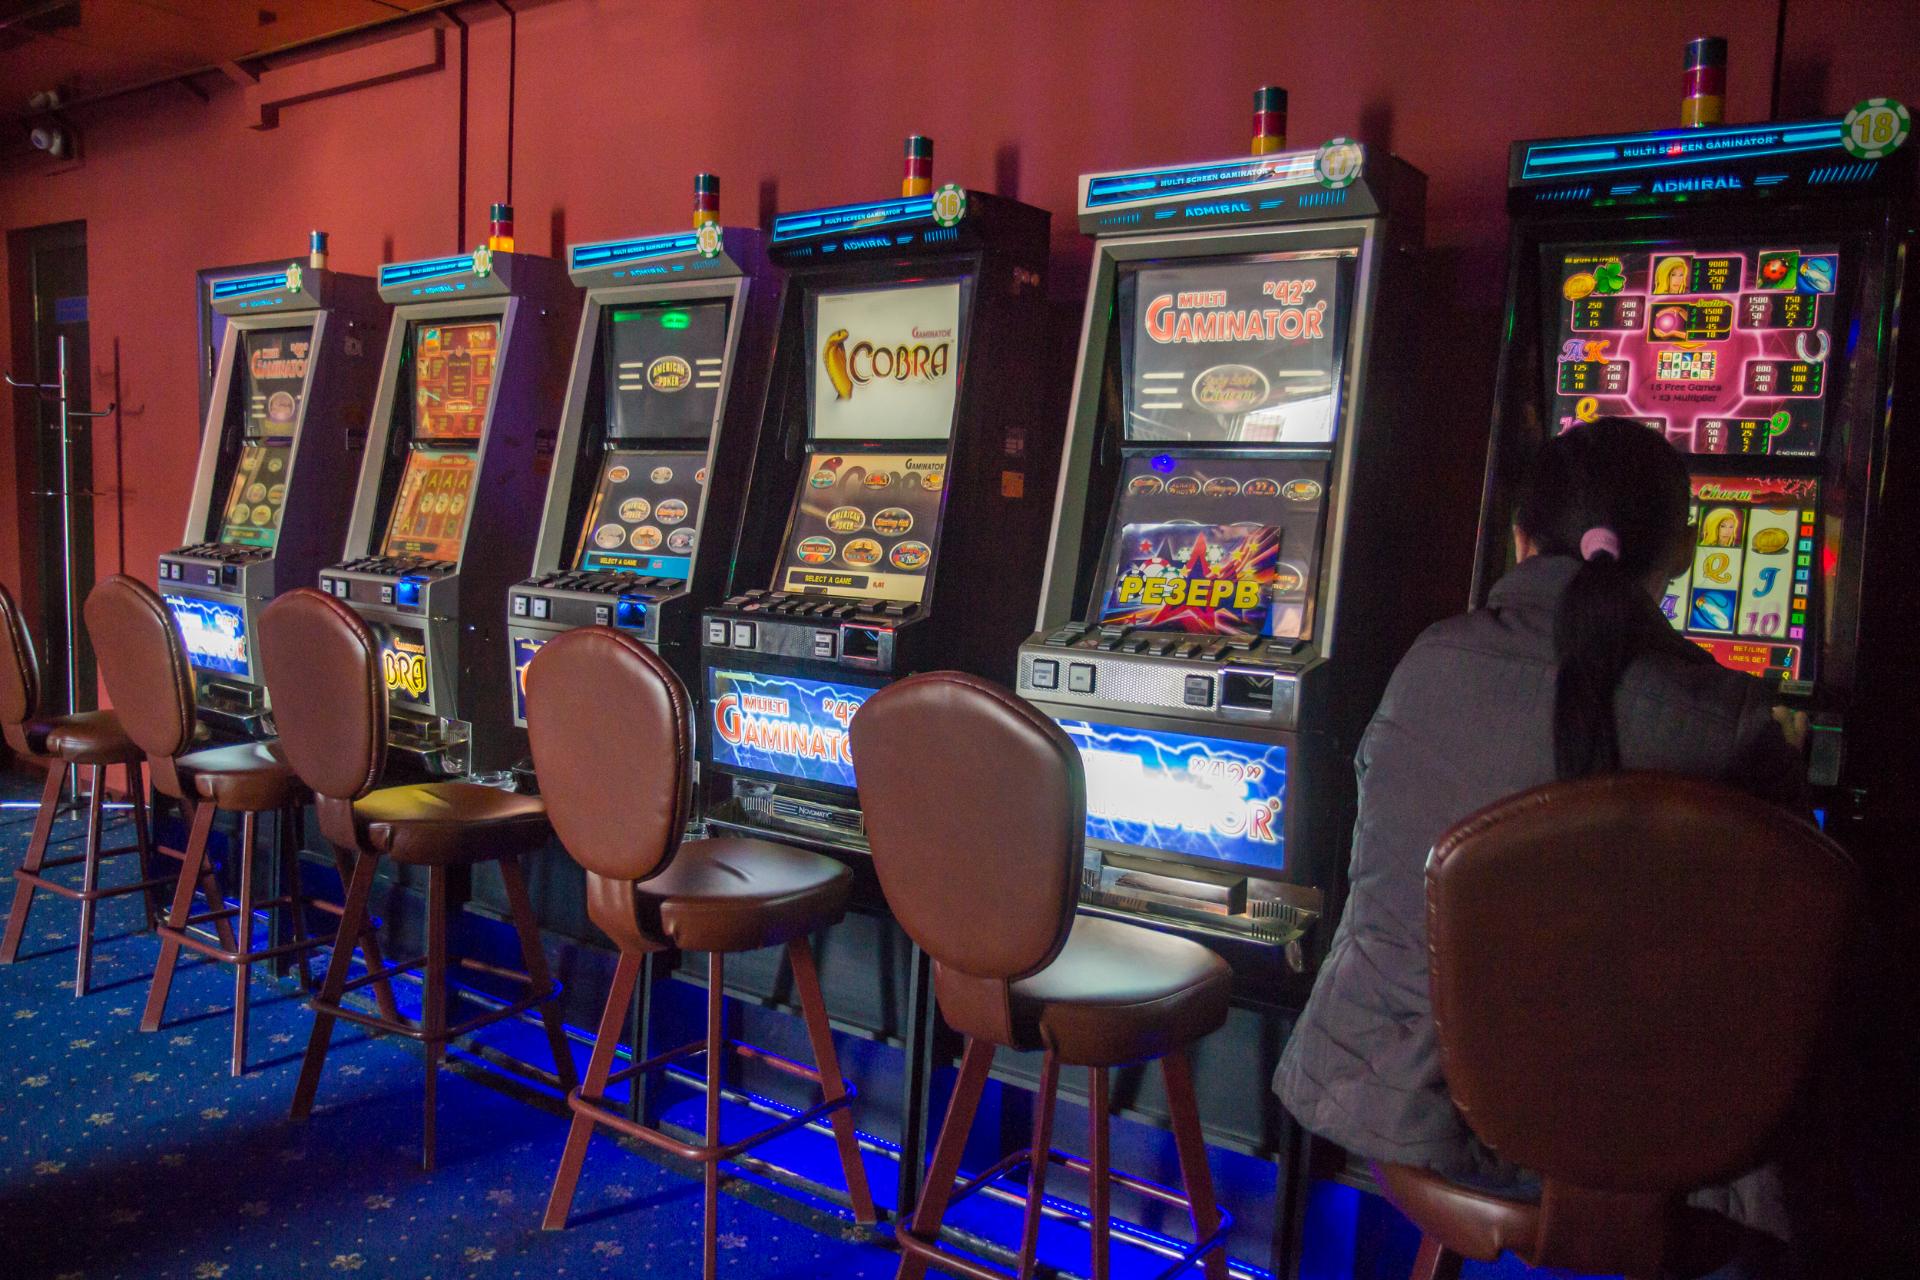 Игровые автоматы фишка скачать игру игровой автомат резидент